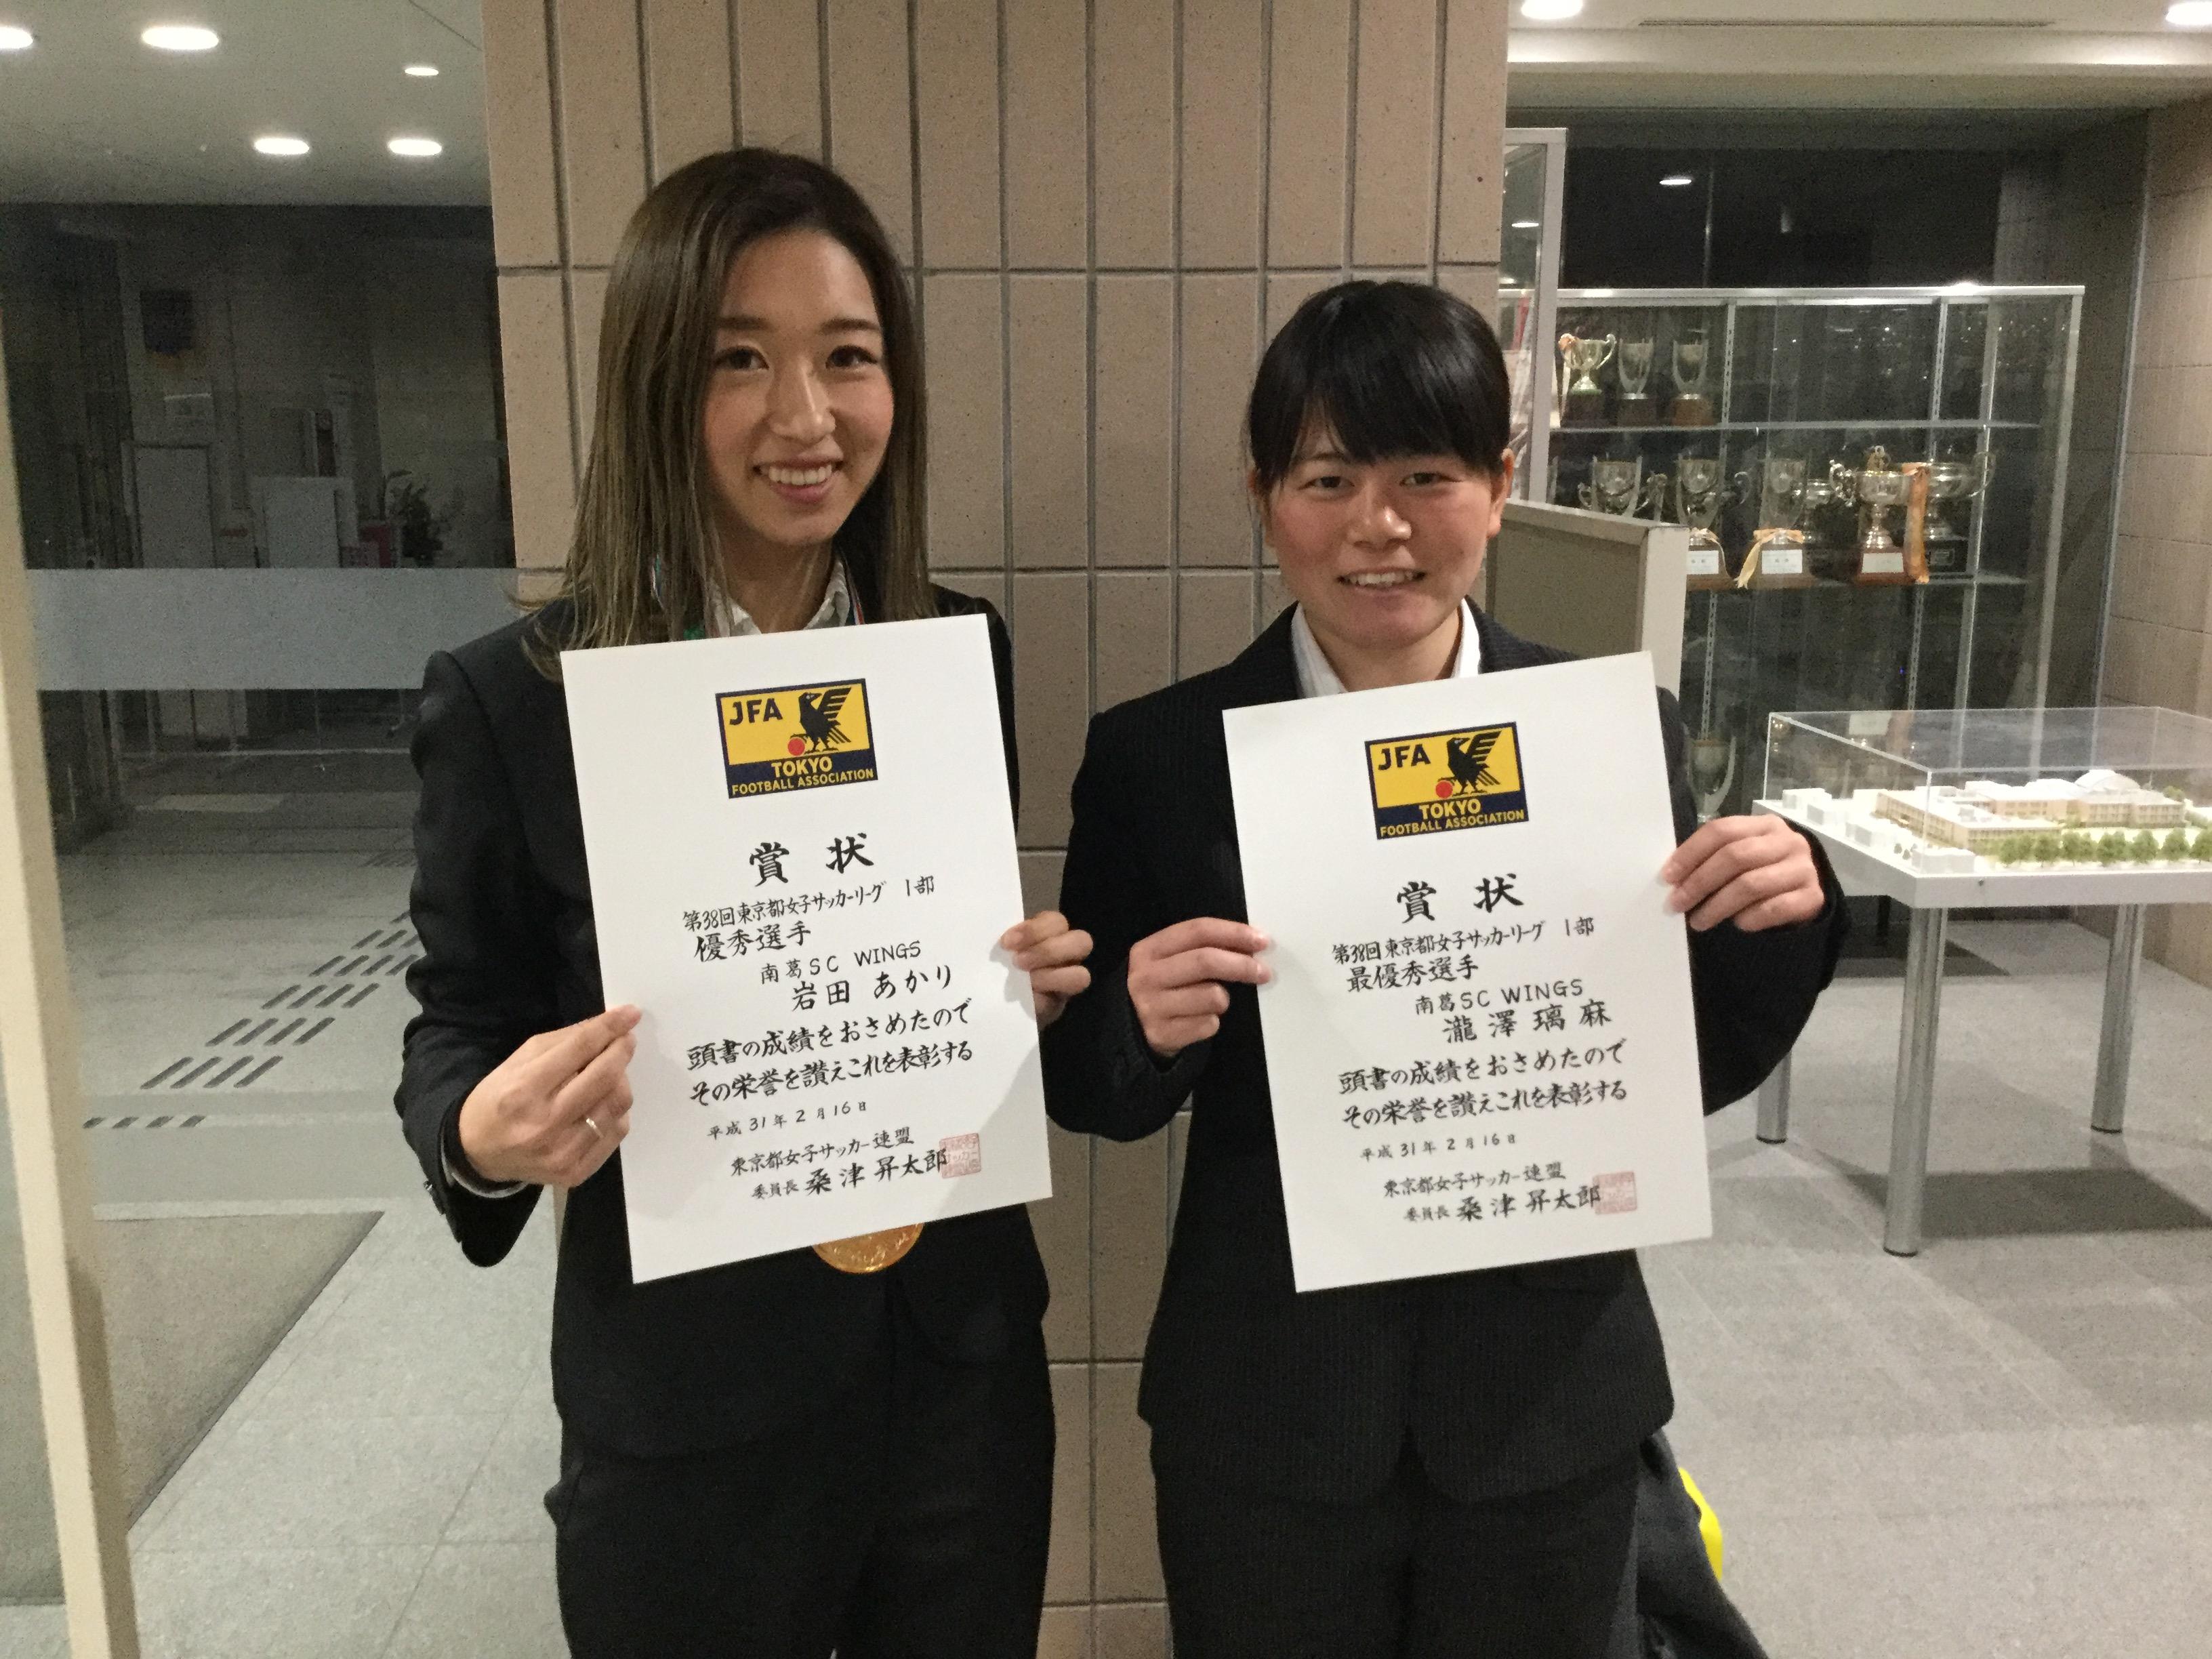 優秀選手の岩田(左)と最優秀選手の瀧沢(右)